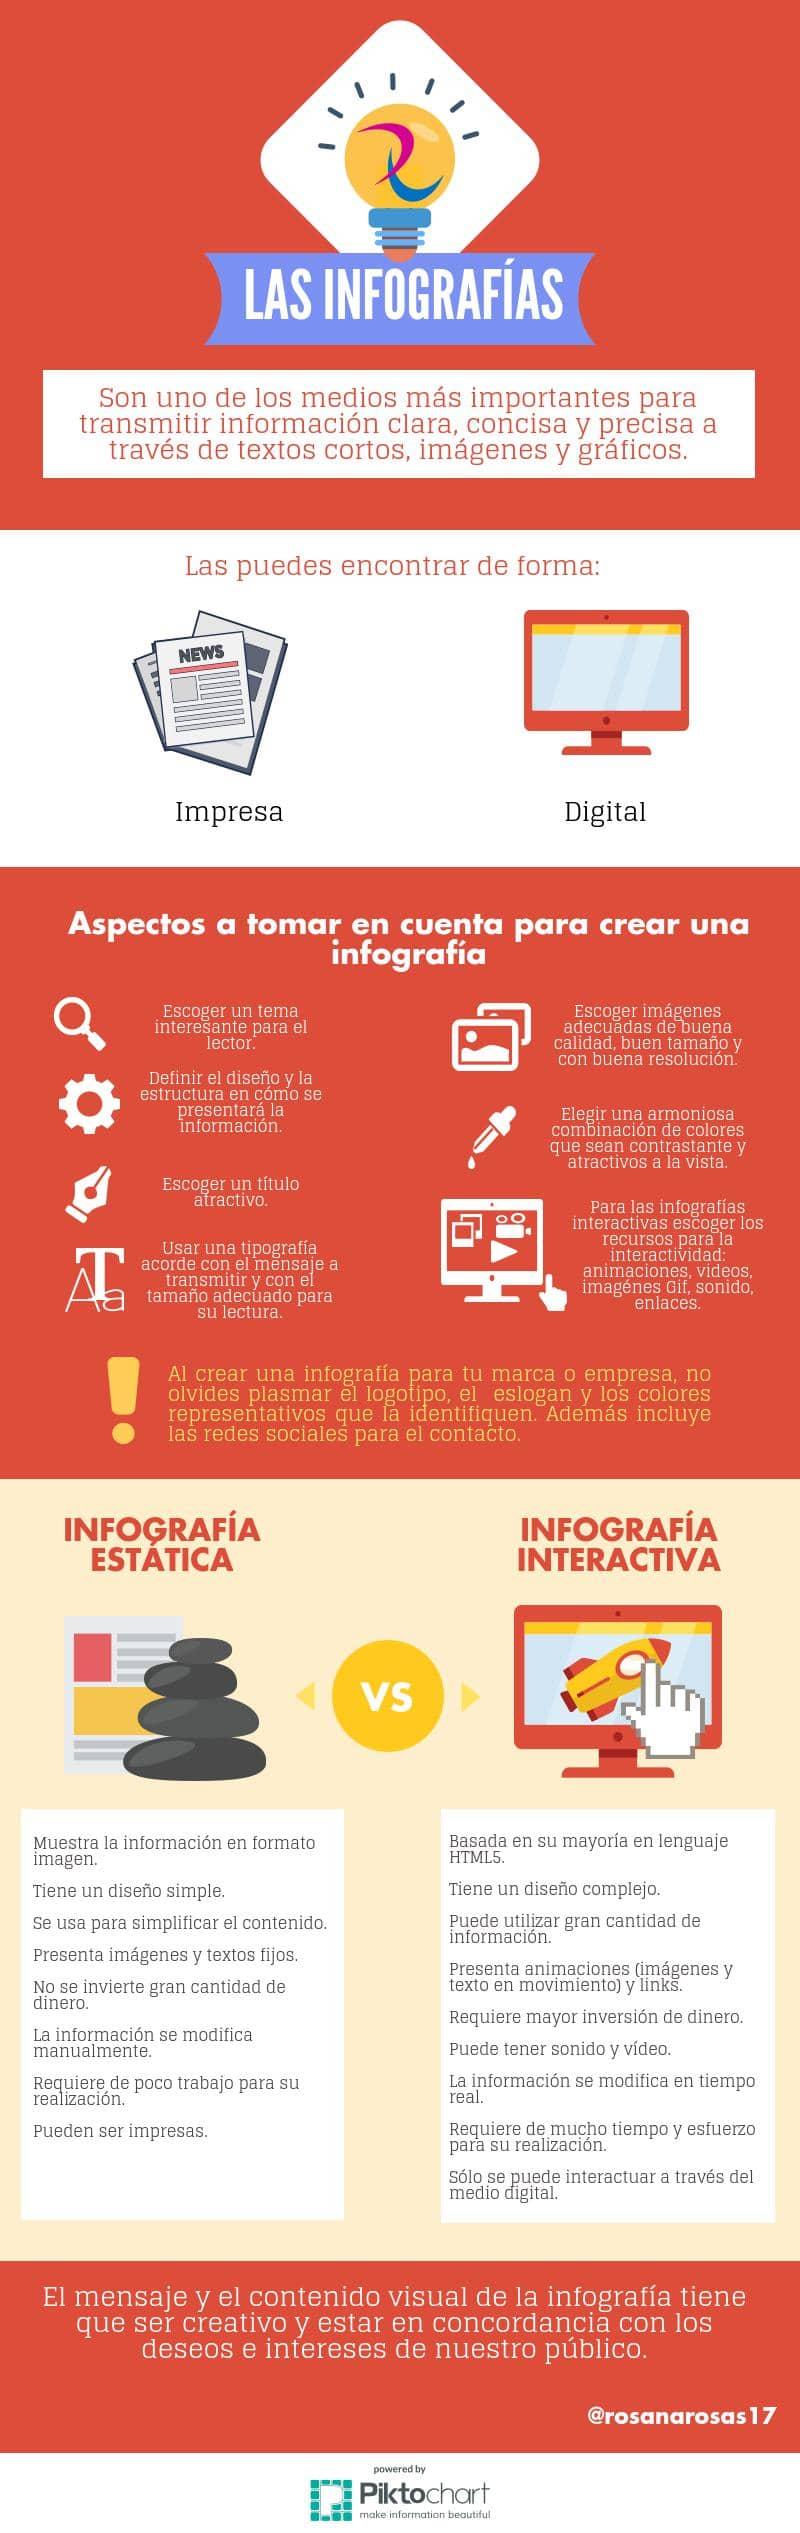 infografia-interaciva-recurso